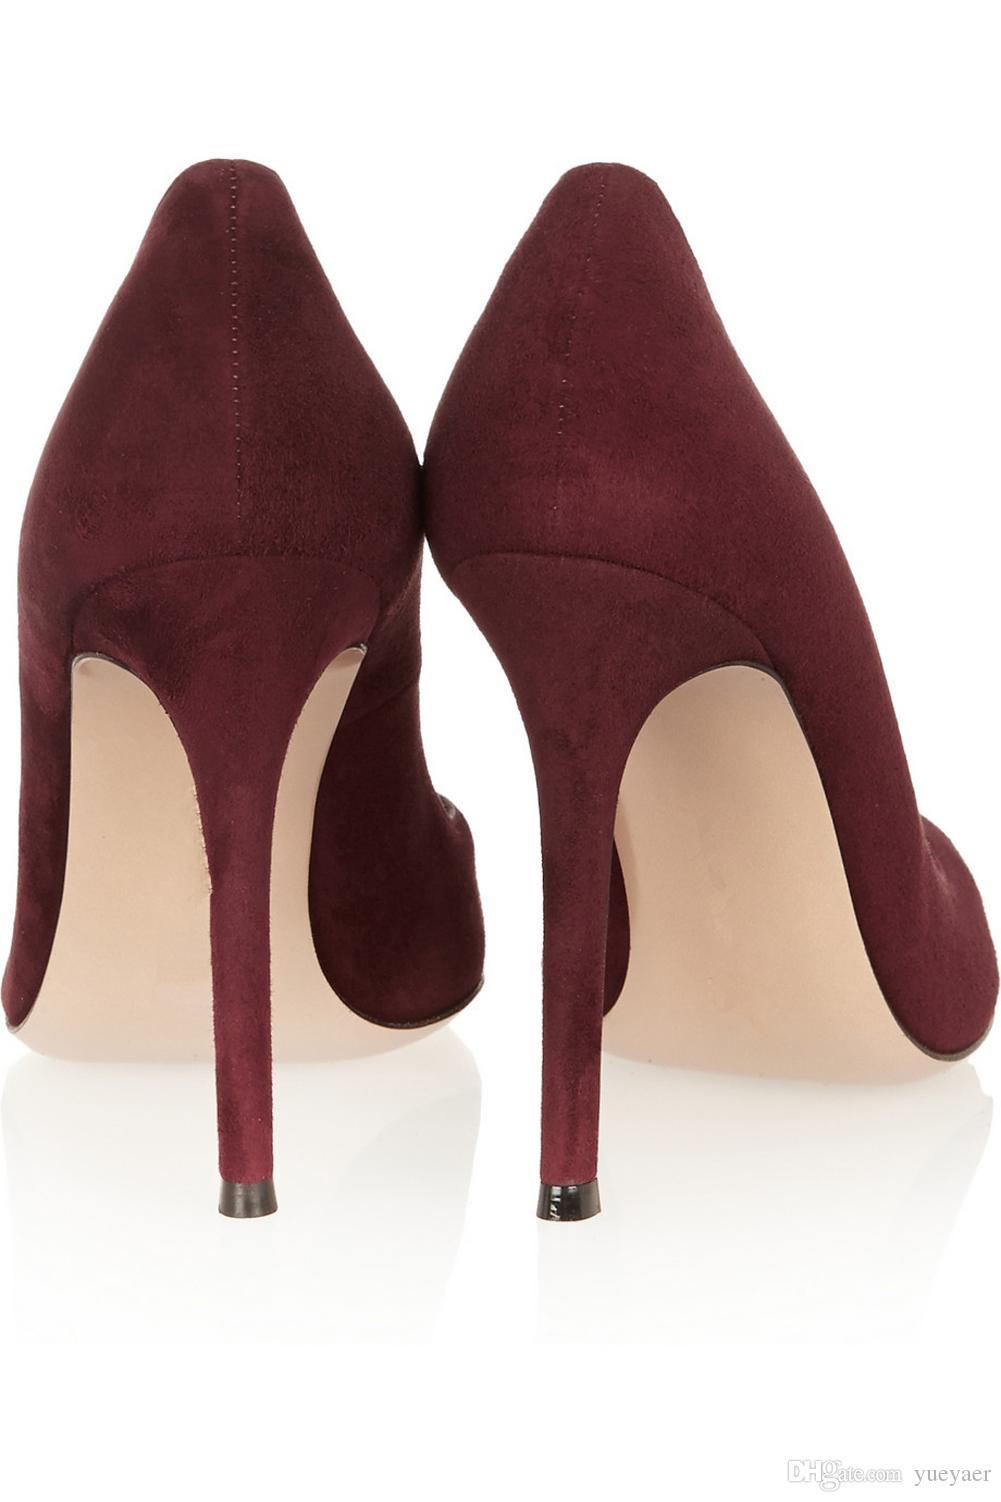 Zandina Bayanlar El Yapımı Moda Marka Sivri Burun 100mm Yüksek Topuk Ofis Parti Temel Ayakkabı Pompaları KaranlıkKırmızı